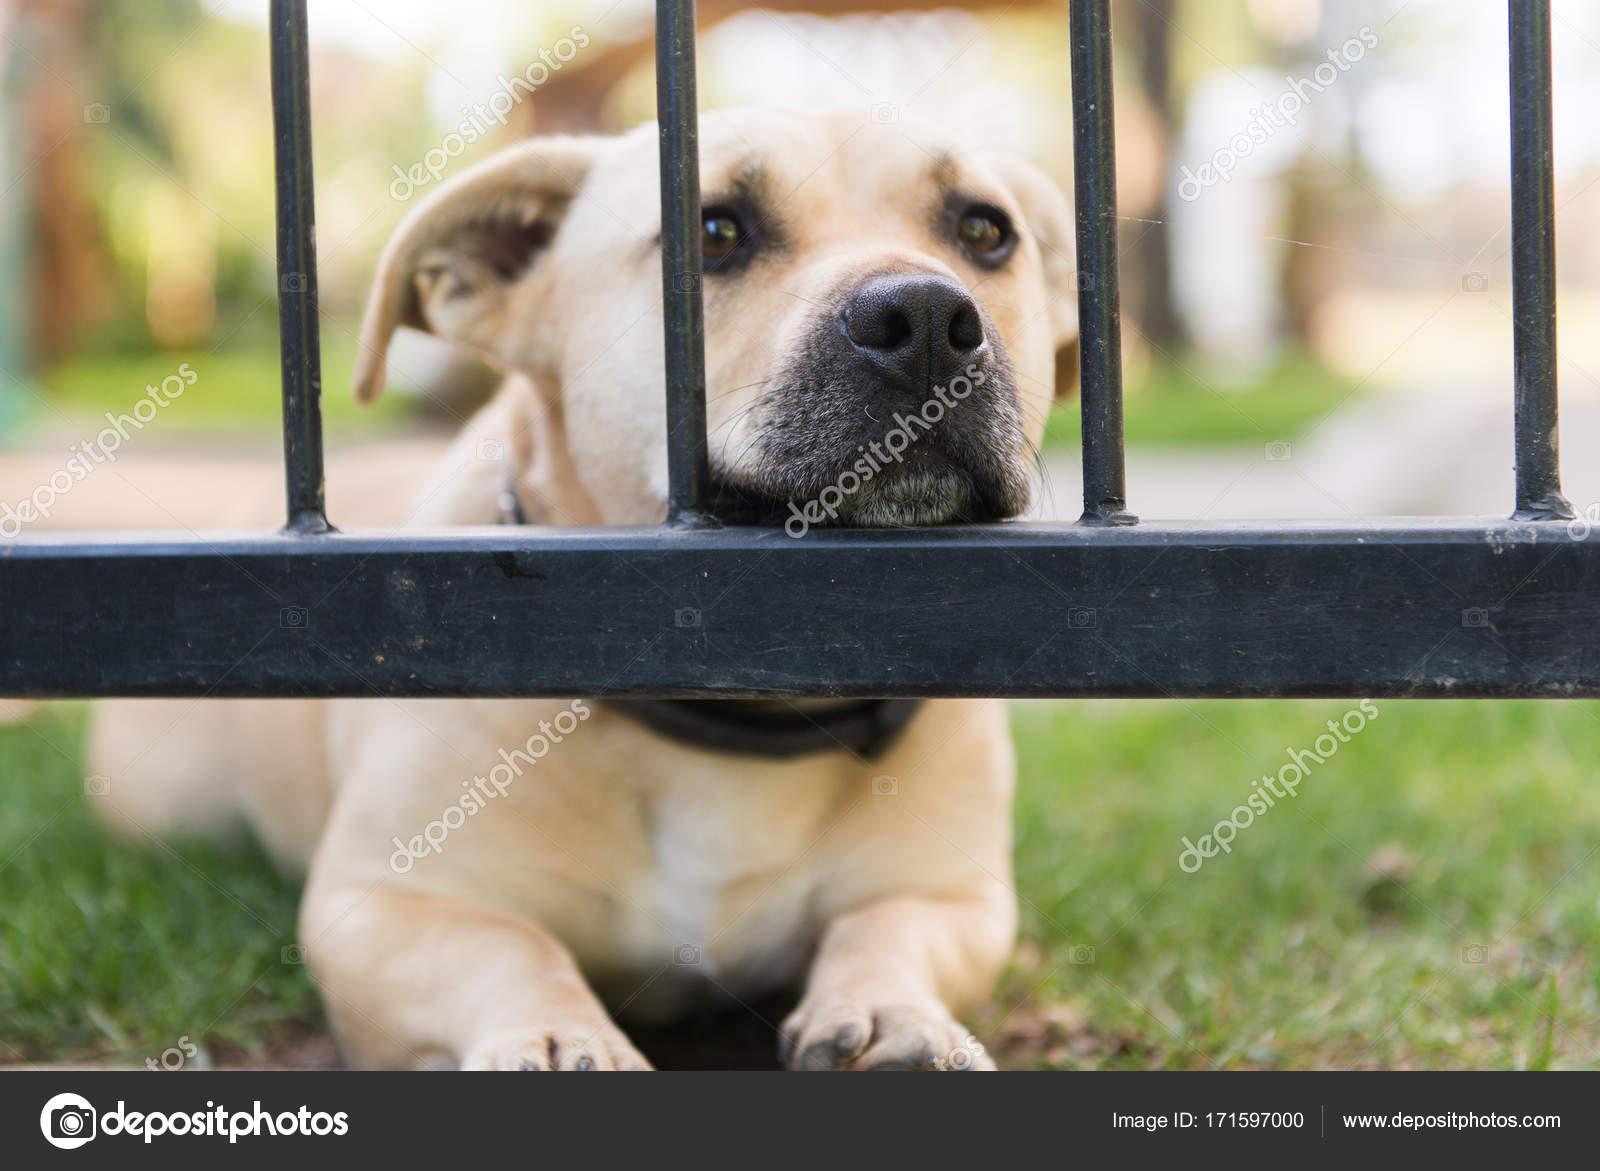 Niedlichen Kleinen Hund Durch Die Gitter Zaun In Den Garten Schauen